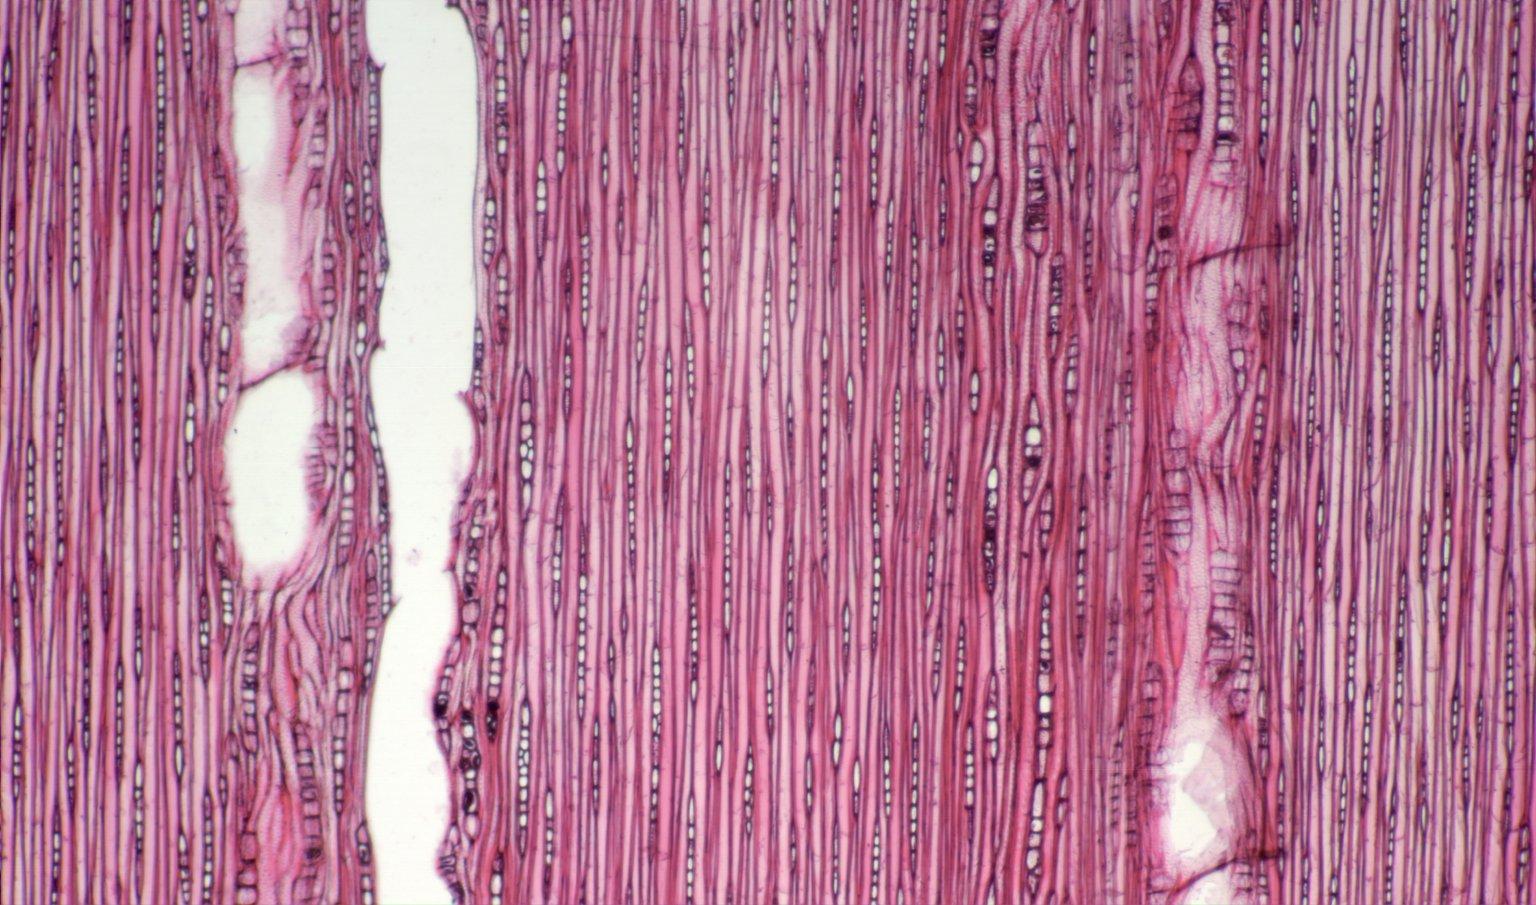 CALOPHYLLACEAE Calophyllum costatum